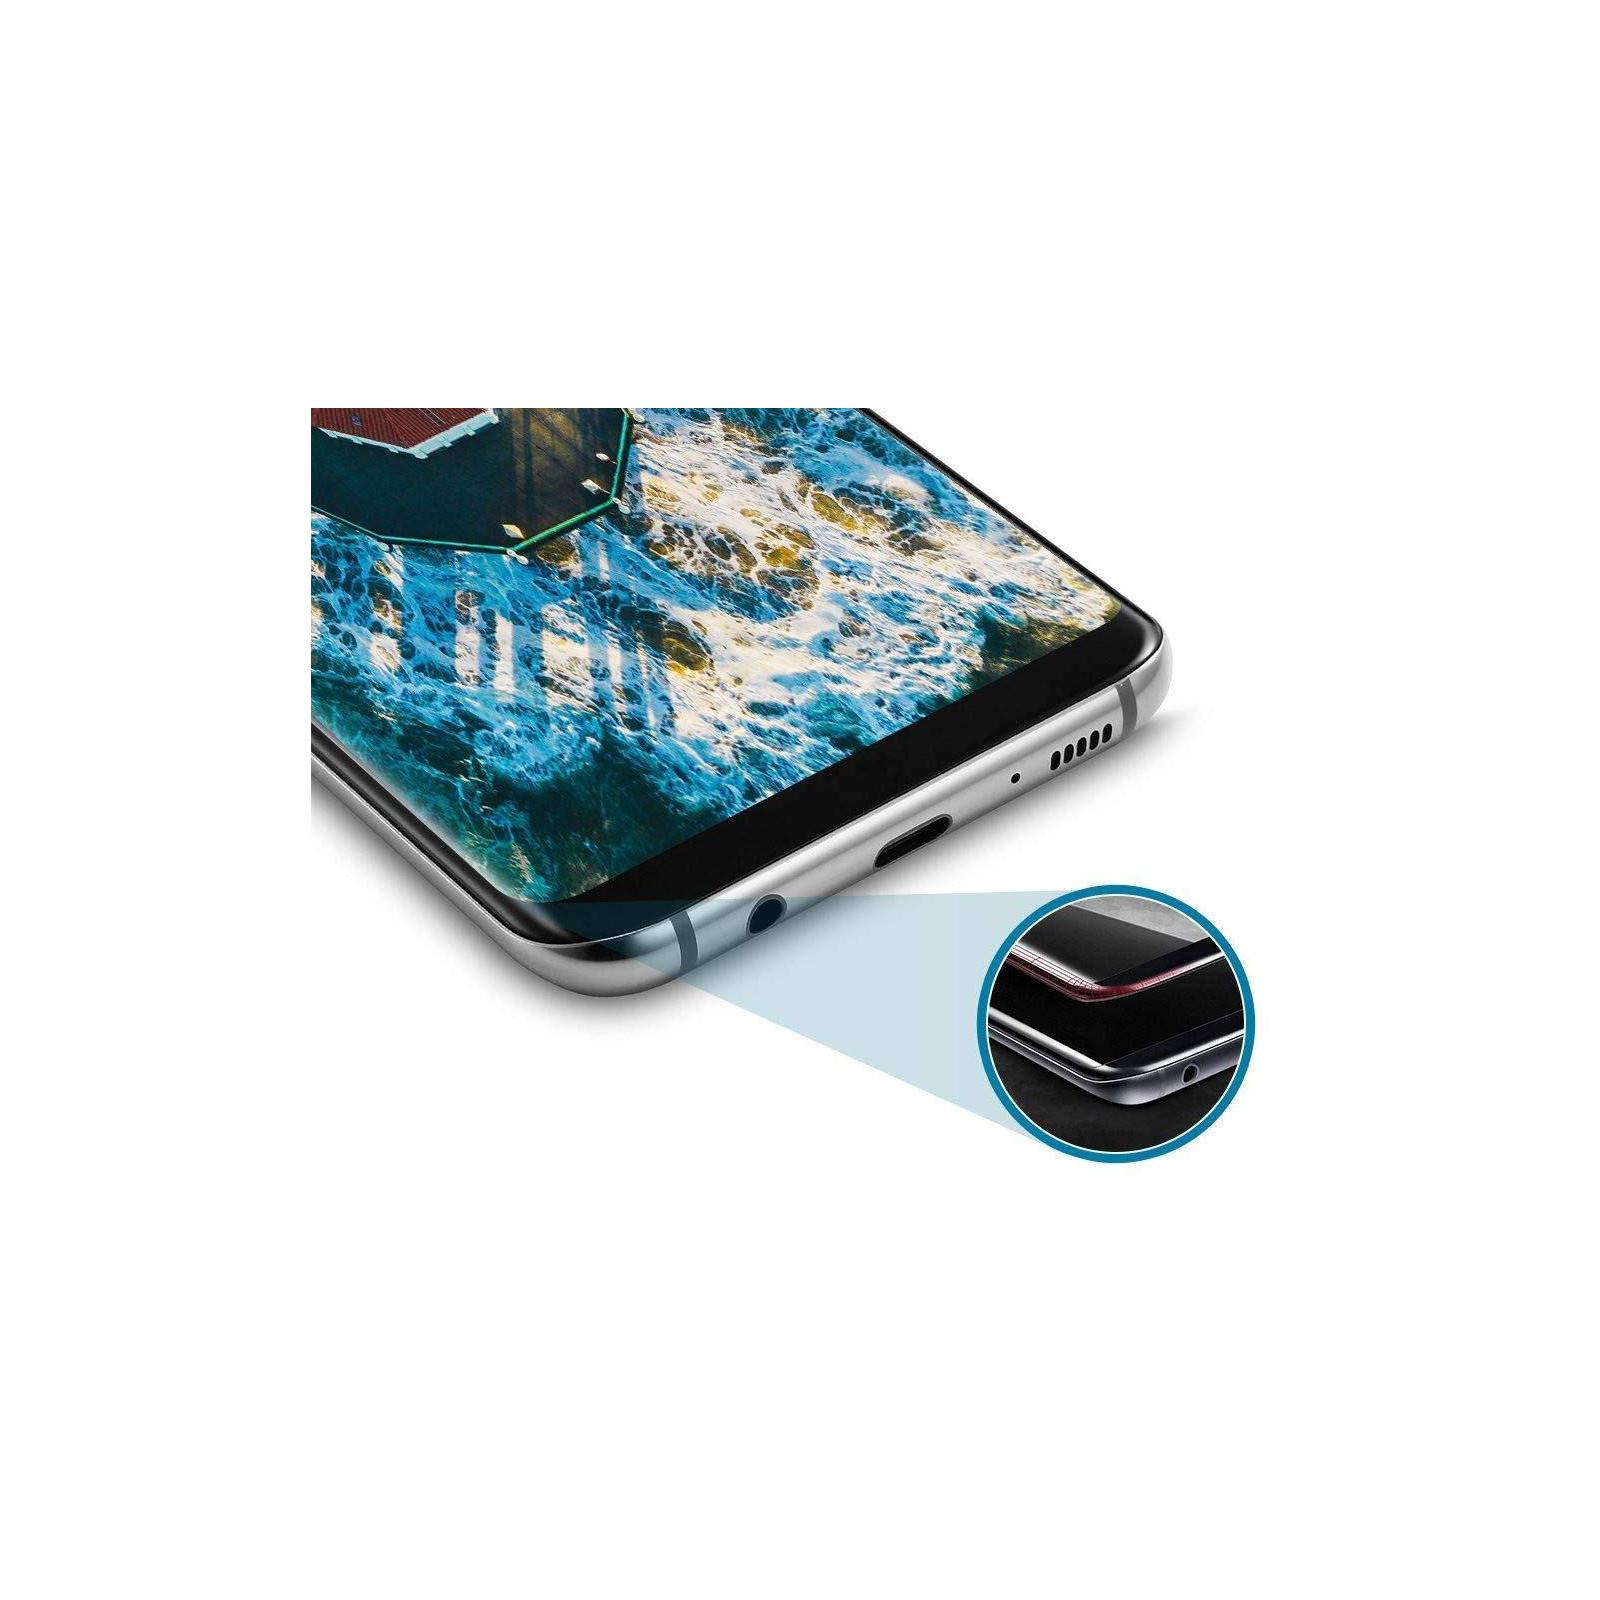 Стекло защитное Vinga для Samsung Galaxy S8 Plus (G955) (VTPGS-G955) изображение 5